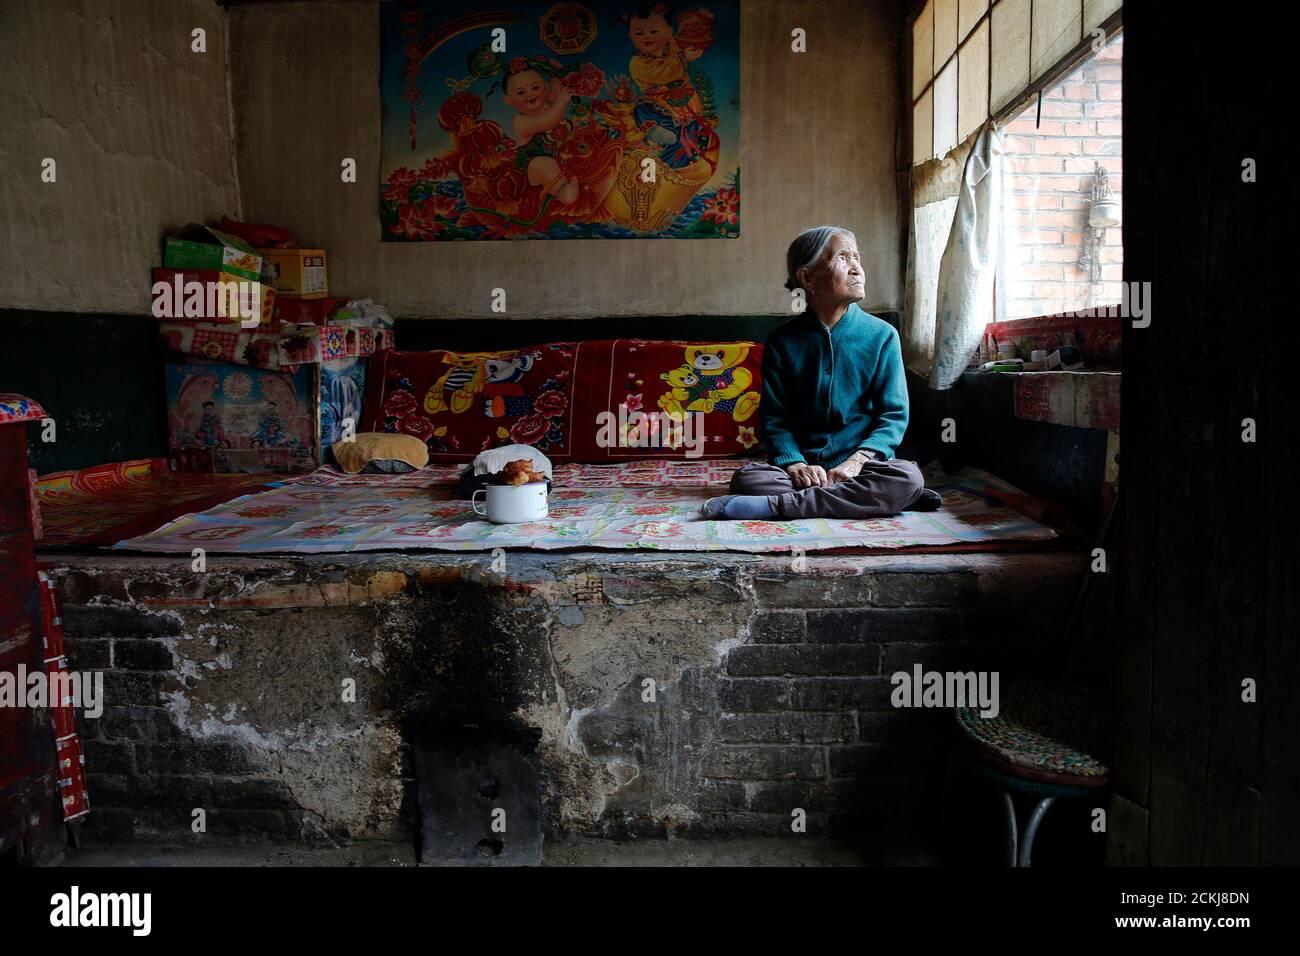 """Zhang Xiantu, die ehemalige chinesische """"Komfortin"""", ruht auf einem traditionellen Ziegelbett in ihrem Haus in der Stadt Xiyan, Provinz Shanxi, China, 18. Juli 2015. """"Trostfrauen"""" ist der japanische Euphemismus für Frauen, die vor und während des Zweiten Weltkriegs in japanischen Militärbartellen zur Prostitution gezwungen und sexuell missbraucht wurden. Xiantu ist die einzige überlebende """"Trostfrau"""" der 16 Kläger in Shanxi, die 1995 die japanische Regierung verklagte, weil sie Mädchen entführt und während des Zweiten Weltkriegs als """"Trostfrauen"""" benutzt hatte. Nach Informationen von Chinas Untersuchungskommission für die Fakten von Comfort Women Be Stockfoto"""